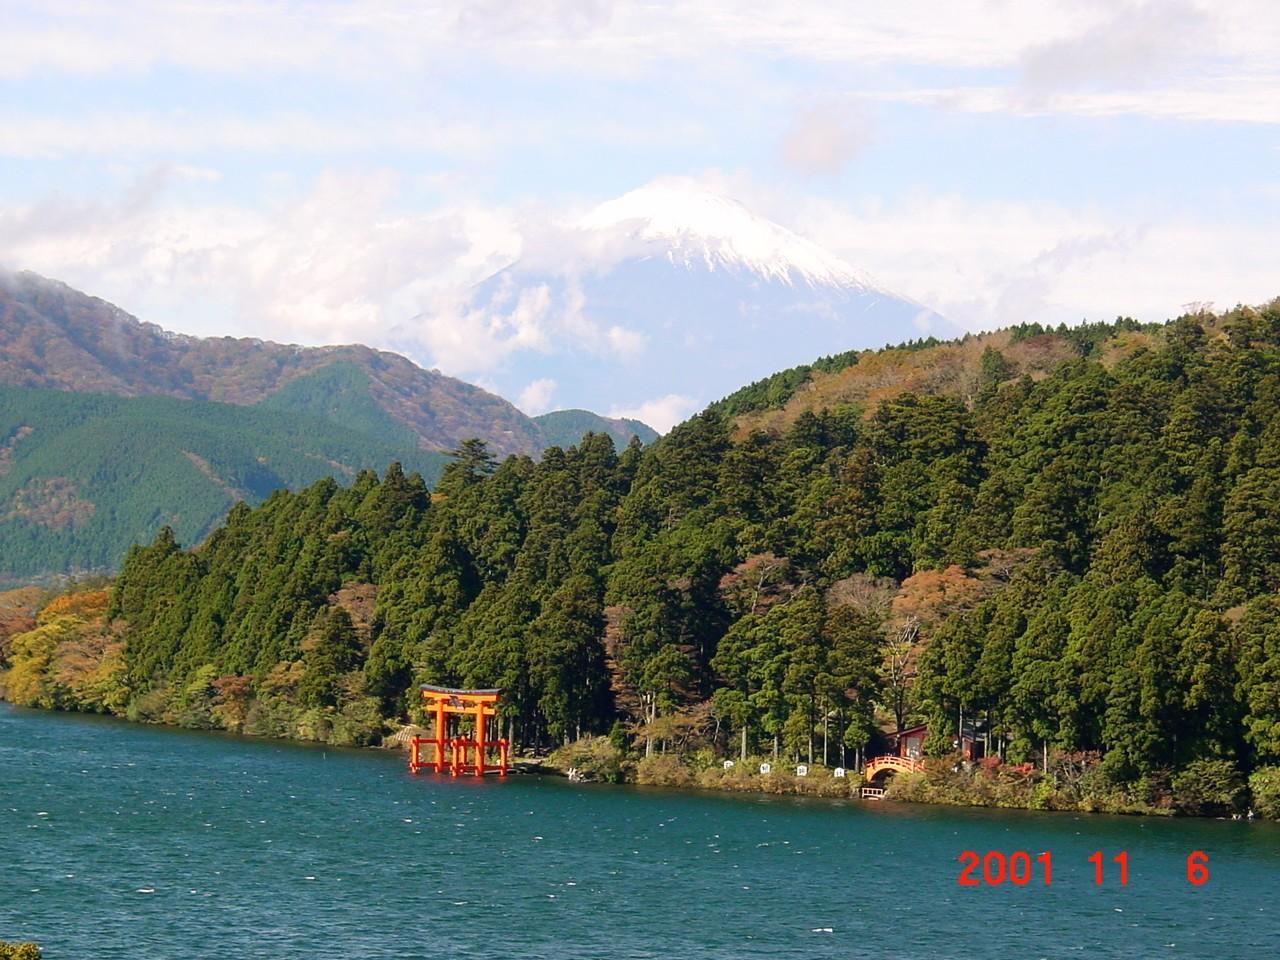 神奈川県 箱根 箱根関所跡、箱根杉並木、成川美術館などを散策